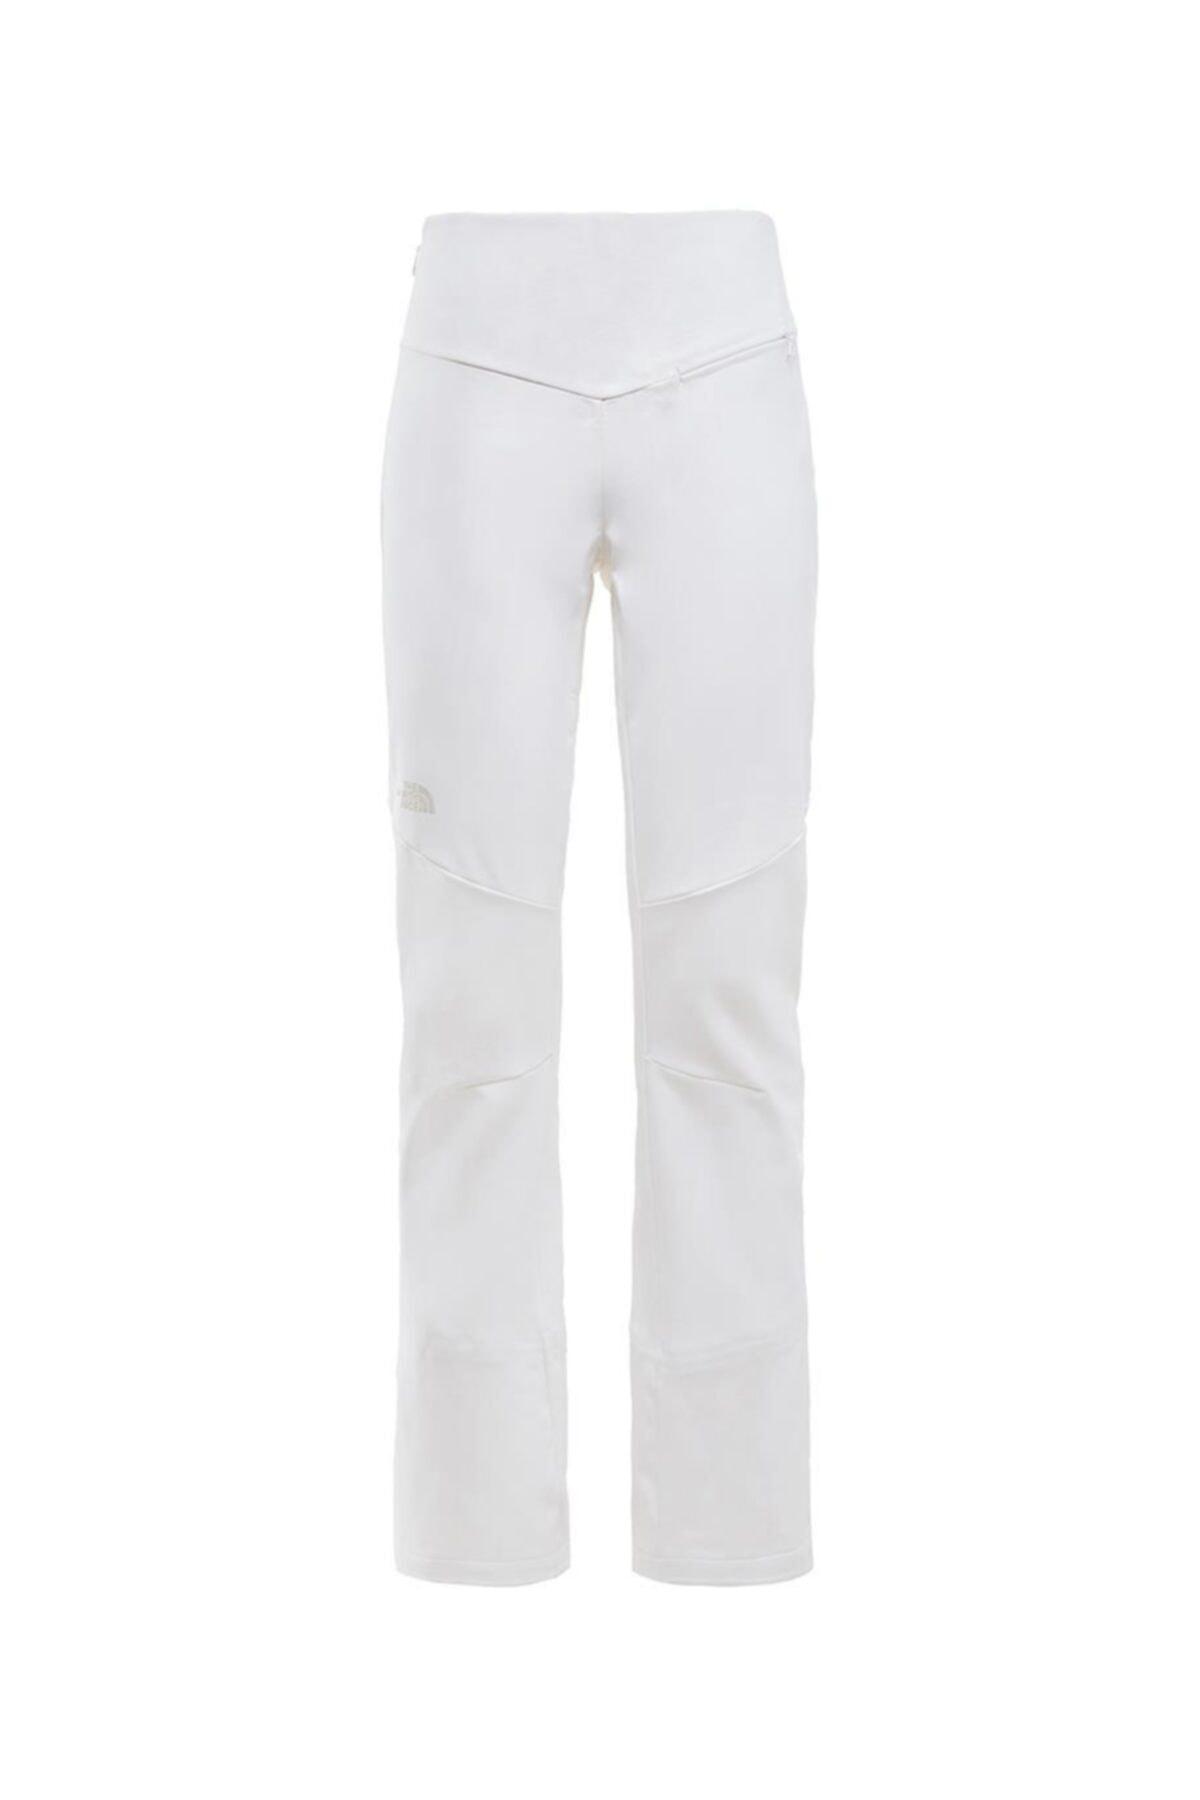 Snoga Kadın Pantolon Beyaz